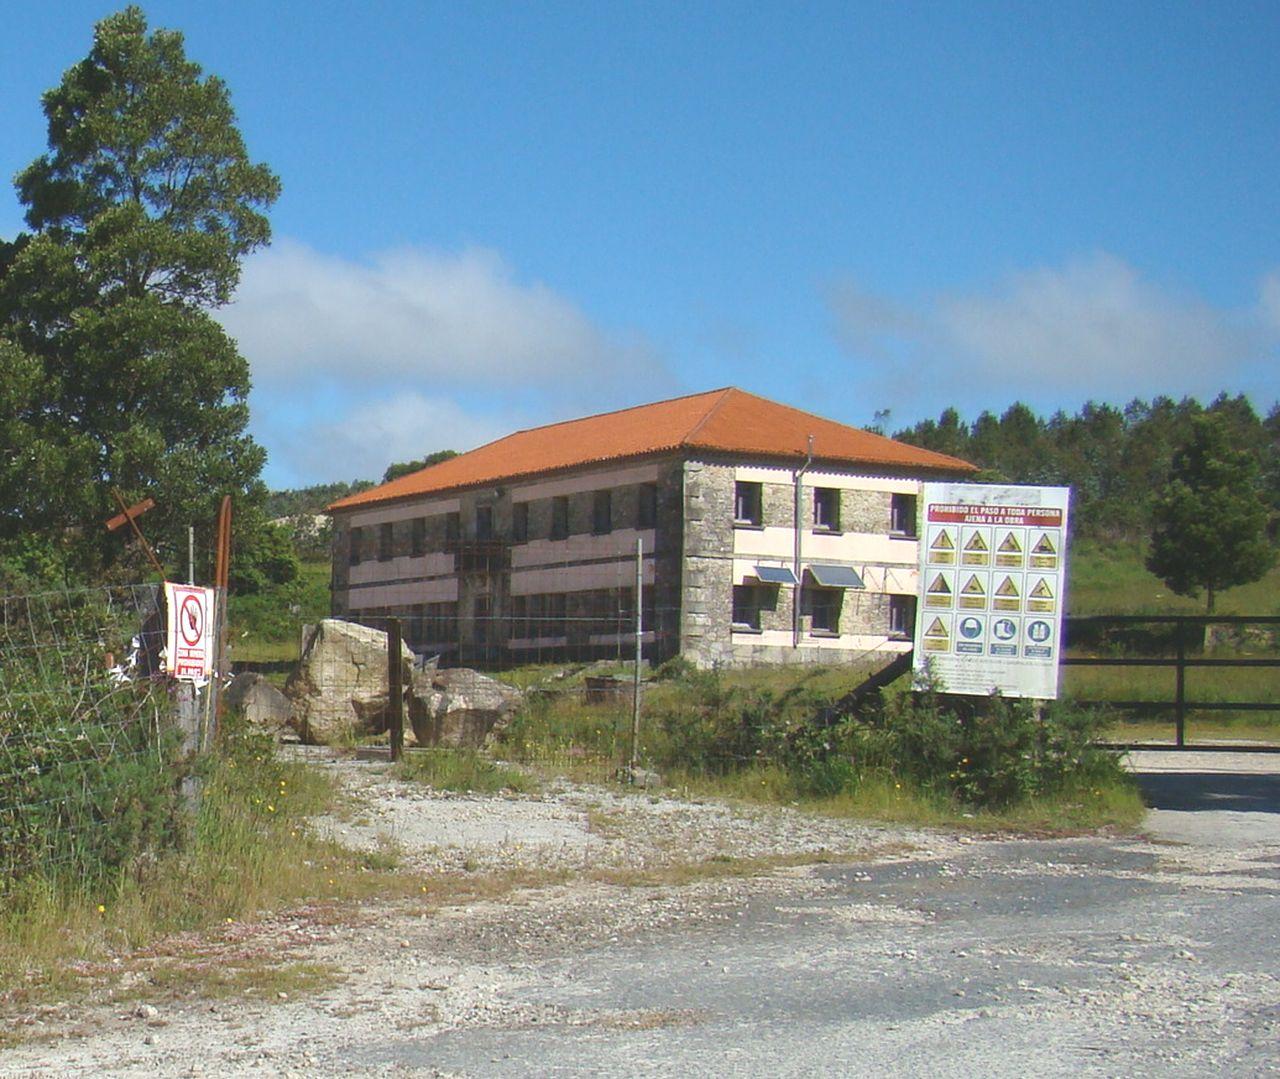 Estado del edificio principal del poblado minero de Varilongo, en Santa Comba, un inmueble hist�rico de propiedad municipal.  - FOTO: C.G.